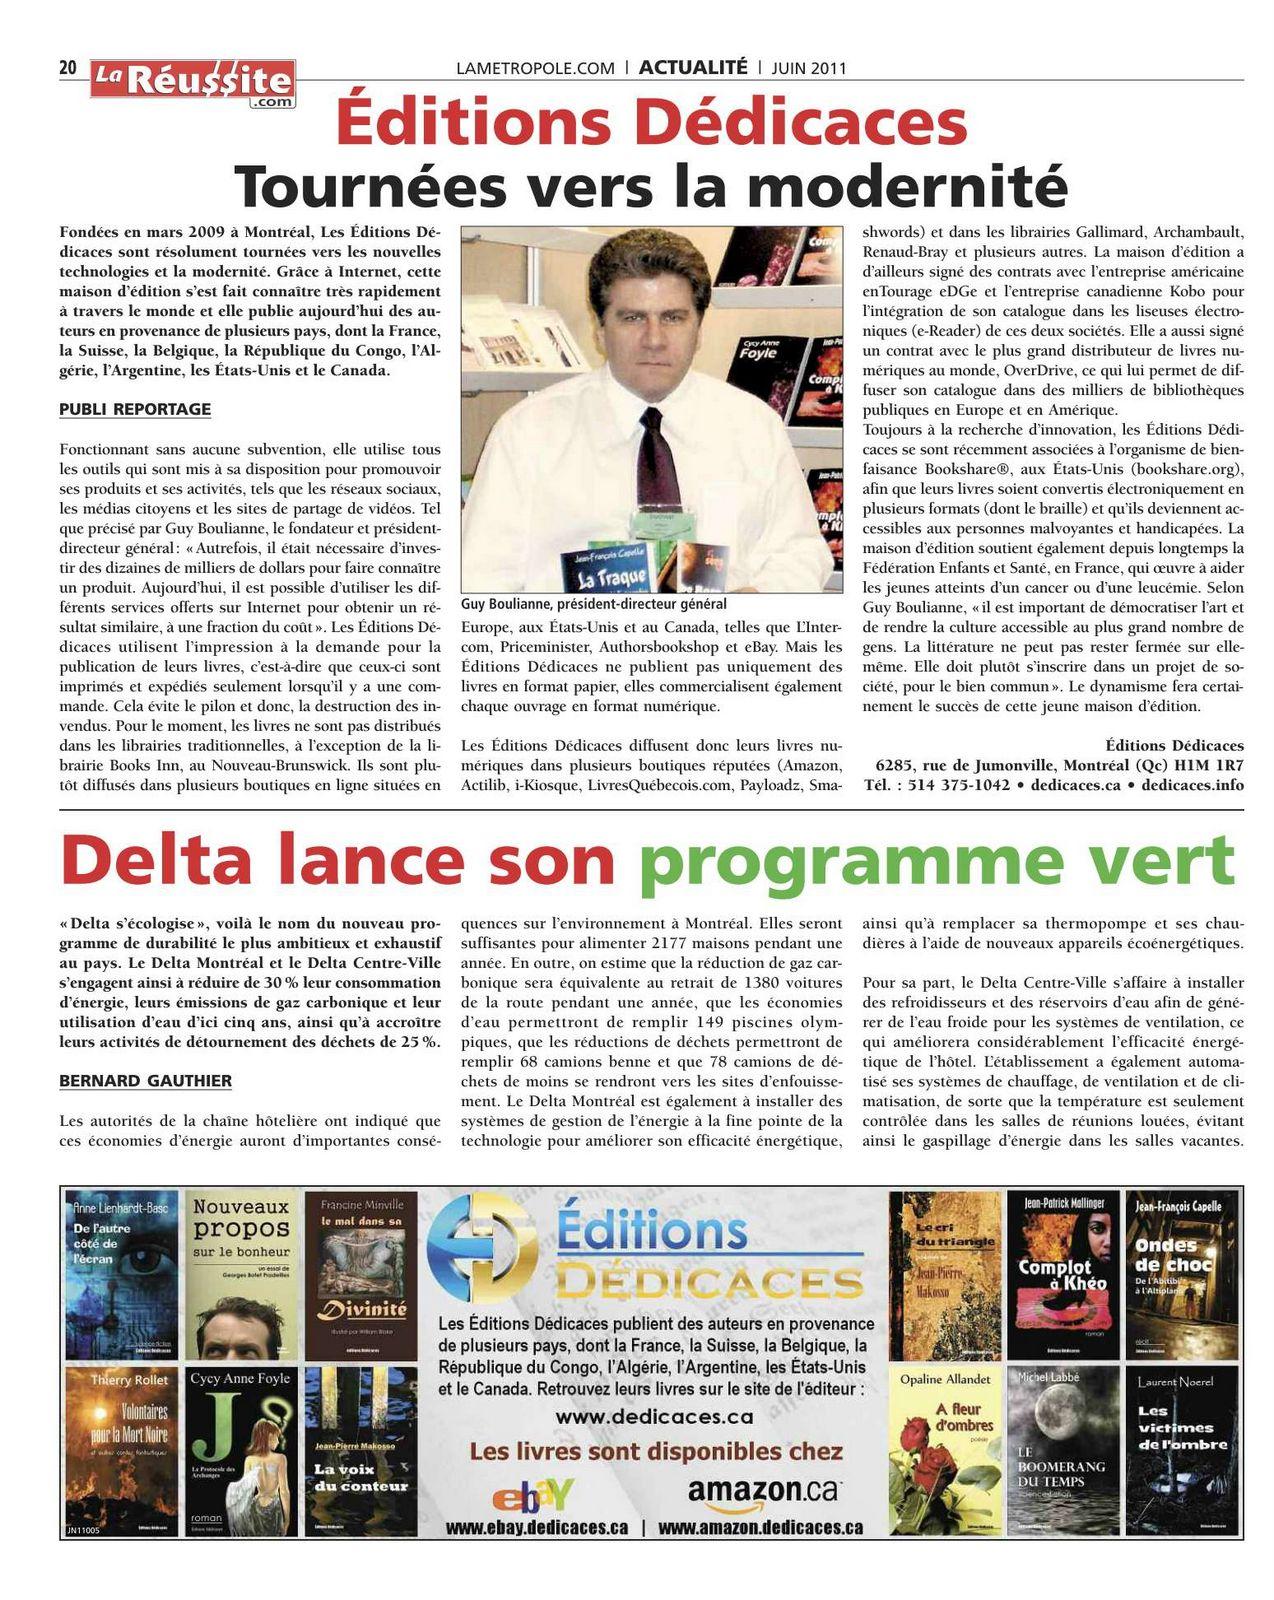 La Métropole (juin 2011) incluant une publicité et un article des Éditions Dédicaces.